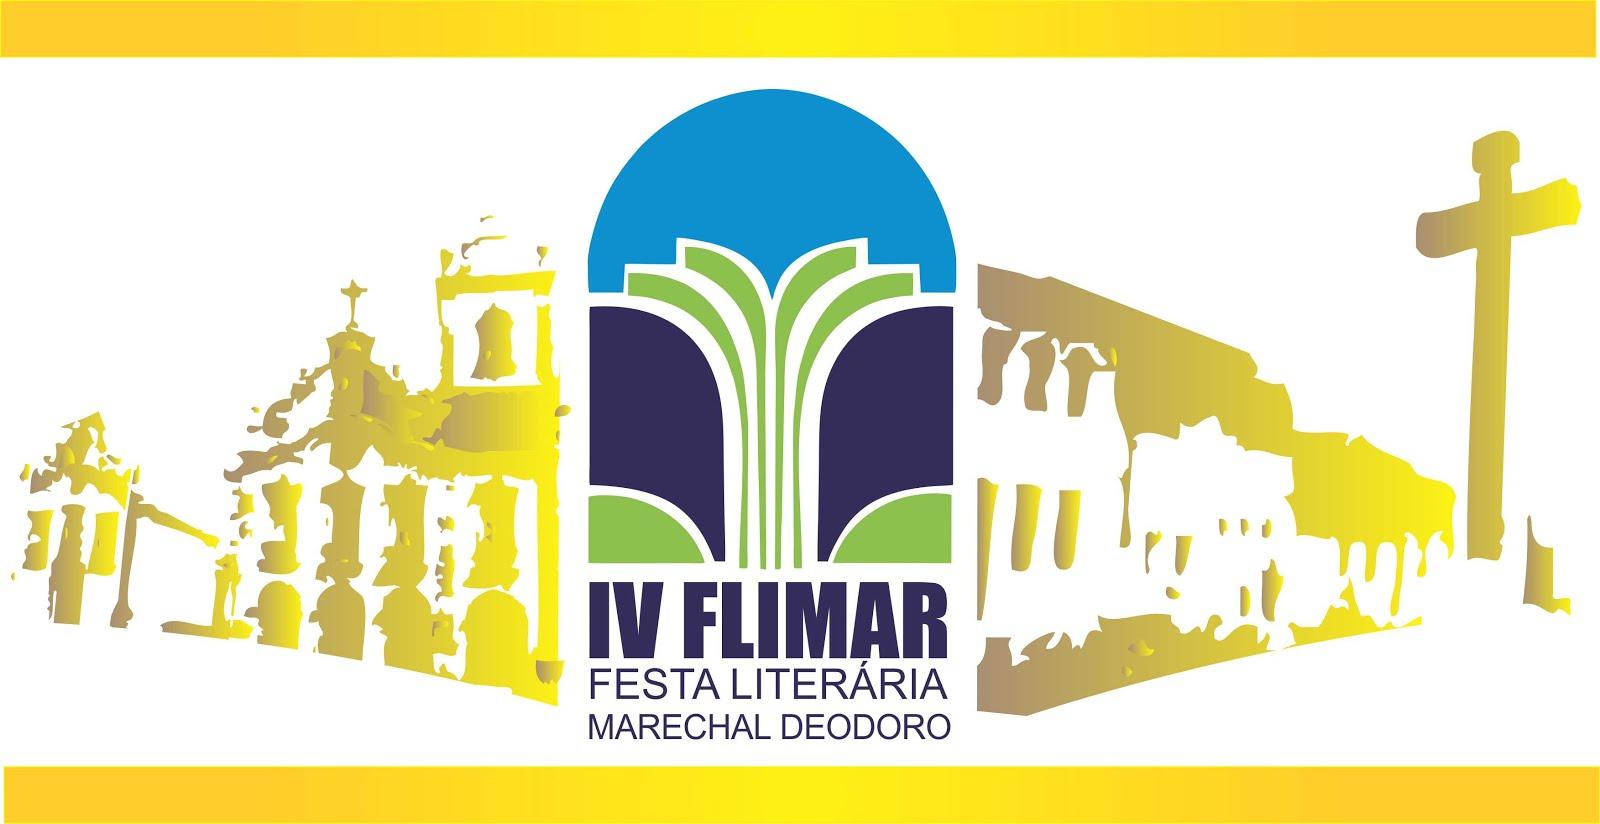 4ª FLIMAR